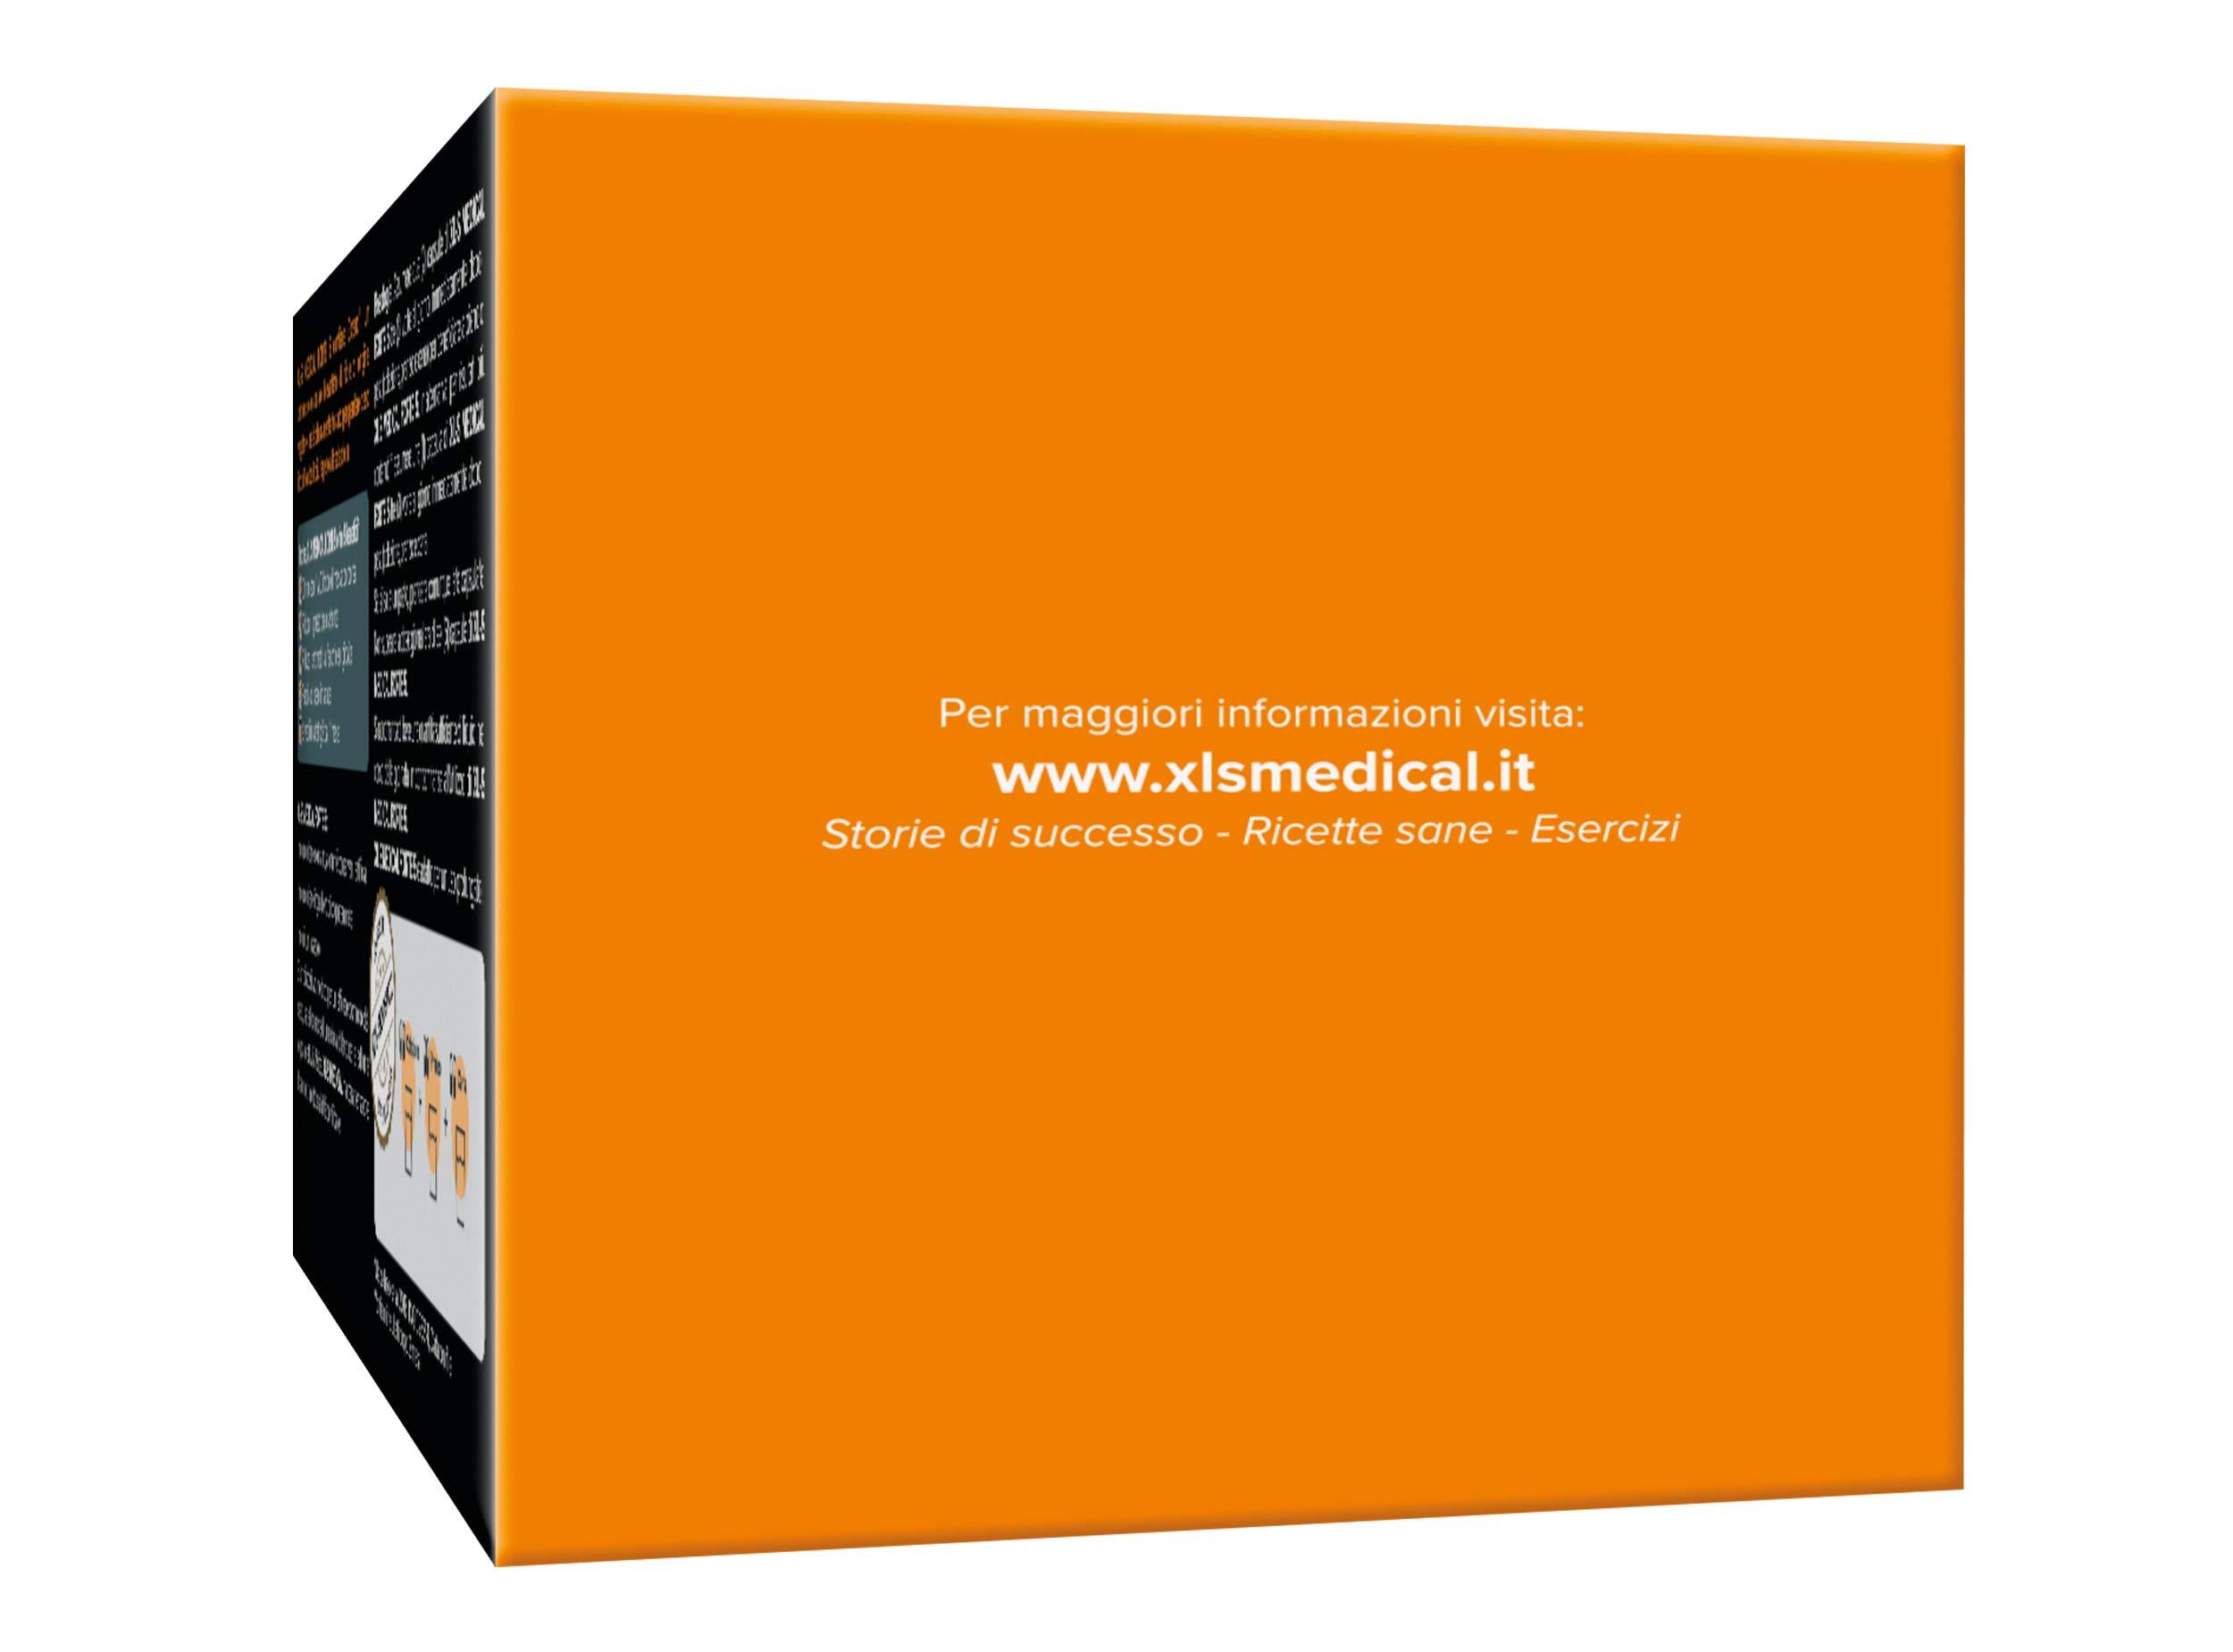 XL-S MEDICAL Forte 5 Pastiglie Dimagranti Forte, Trattamento Dimagrante con 5 Benefici in 1, App My Nudge Plan Inclusa… 3 spesavip